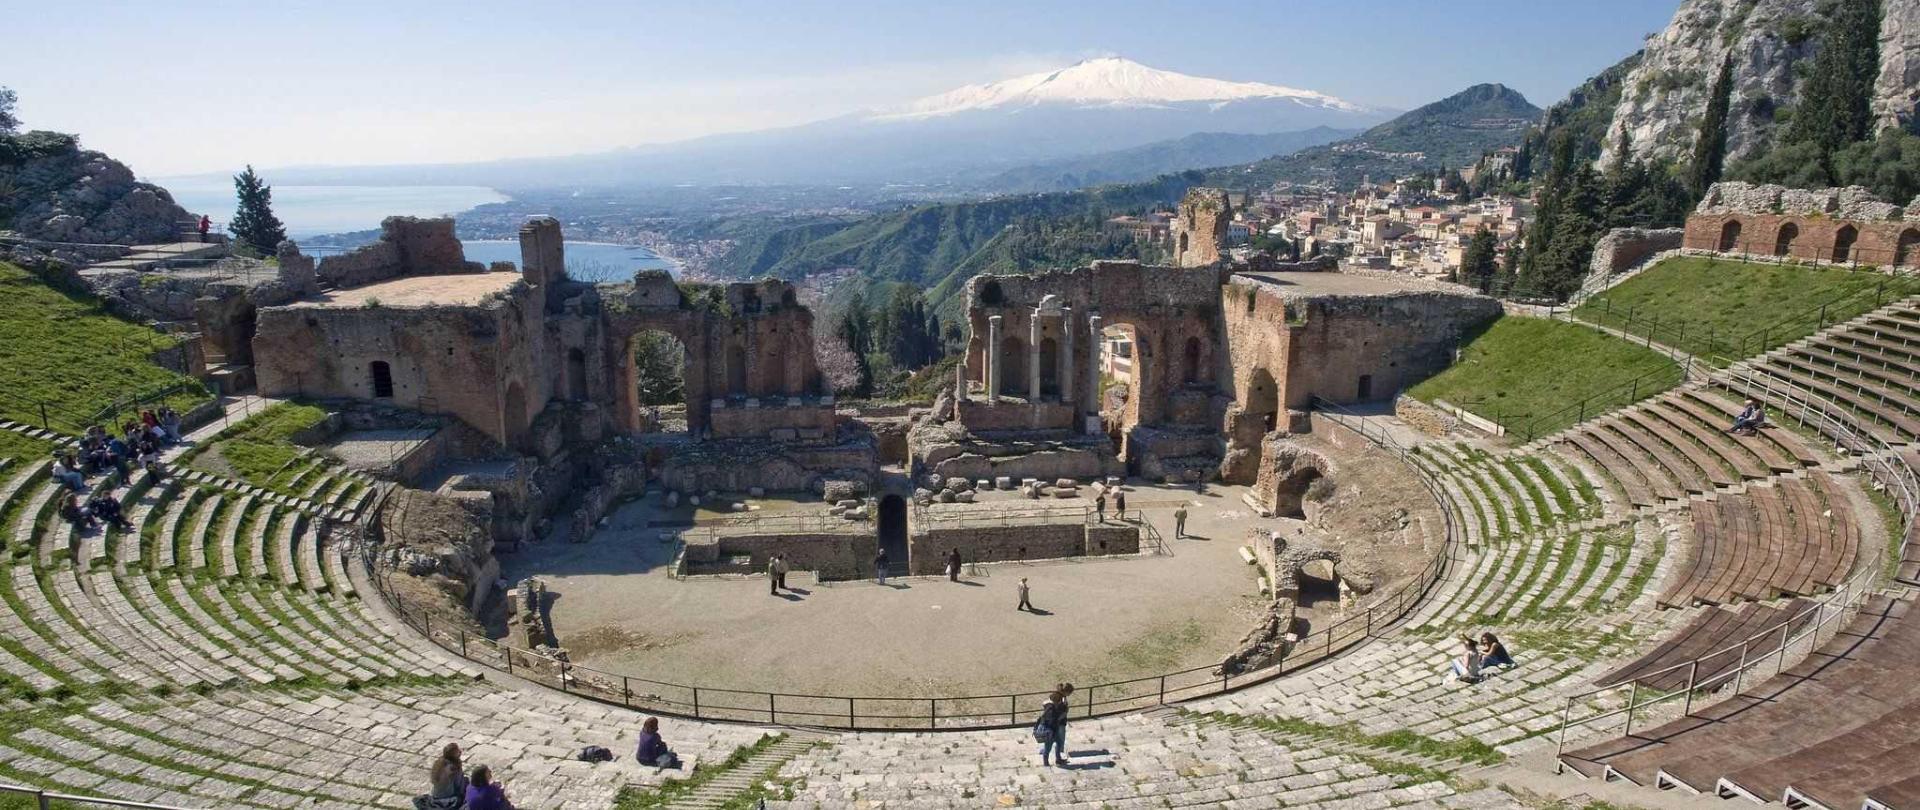 劇院-安蒂科-taormina.jpg